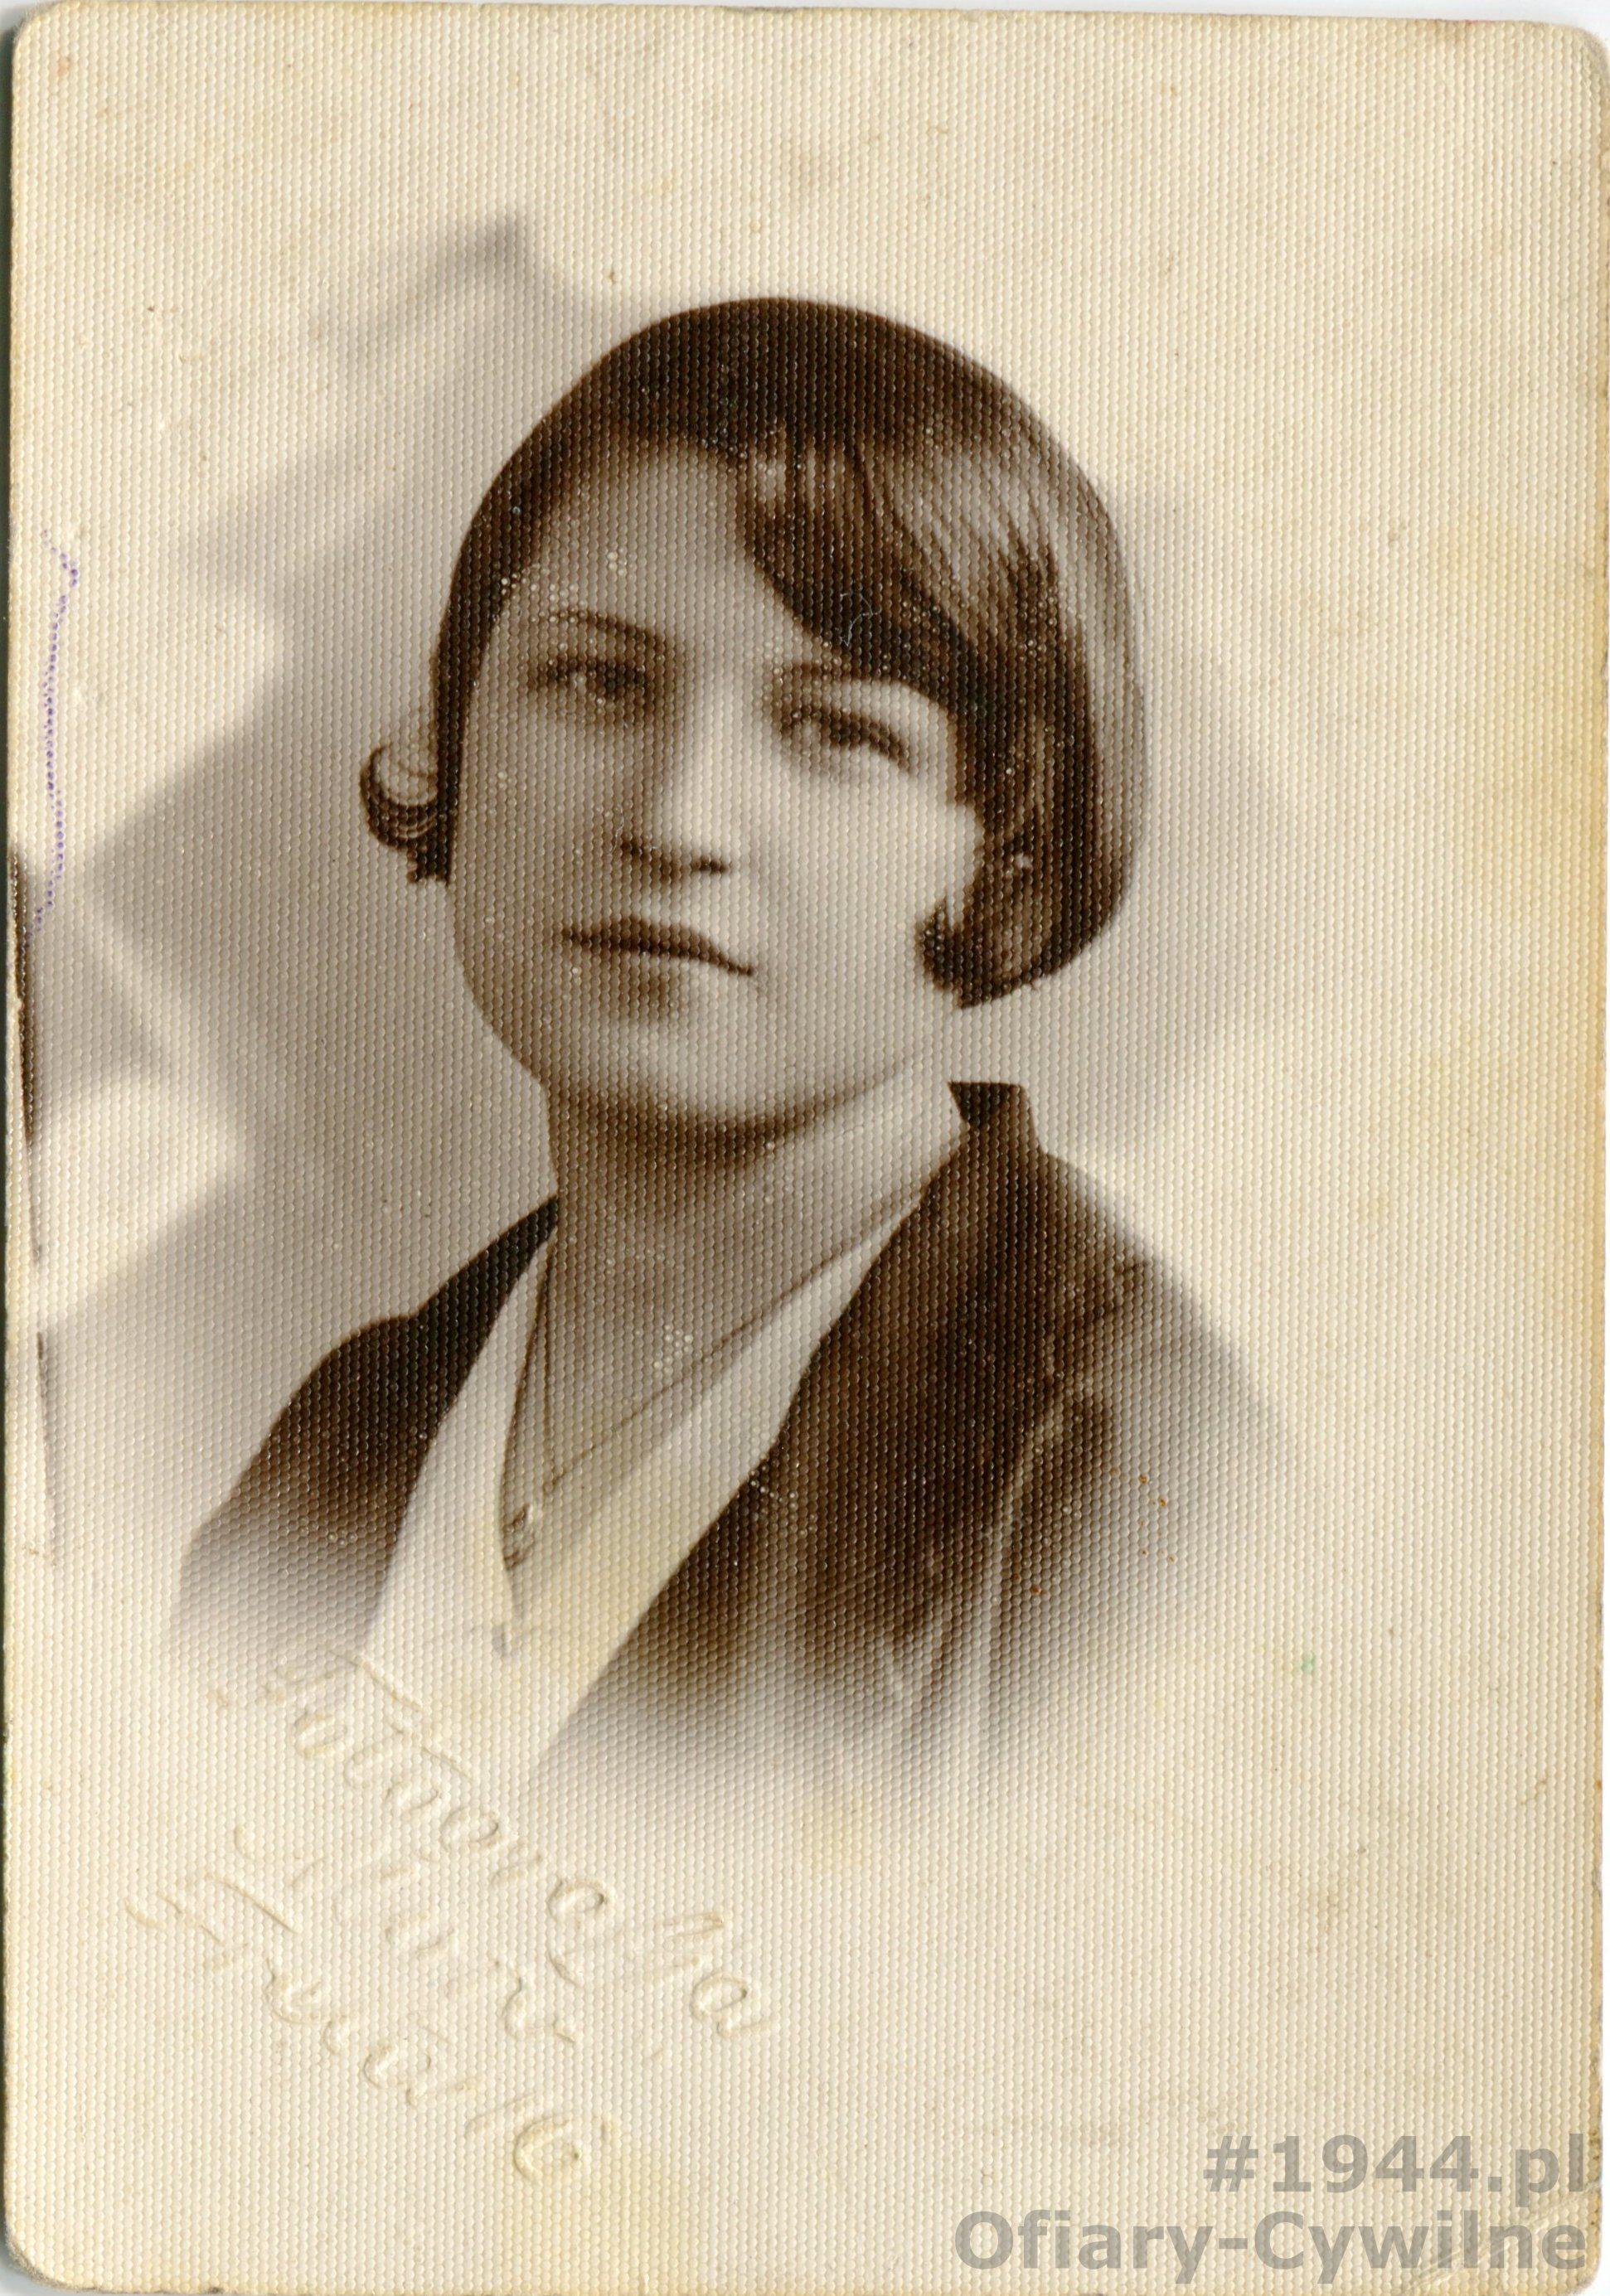 Stanisława Łopatowska z domu Pest (1916-1944, zdjęcie udostępniła siostra pani Jadwiga Ścisłowska